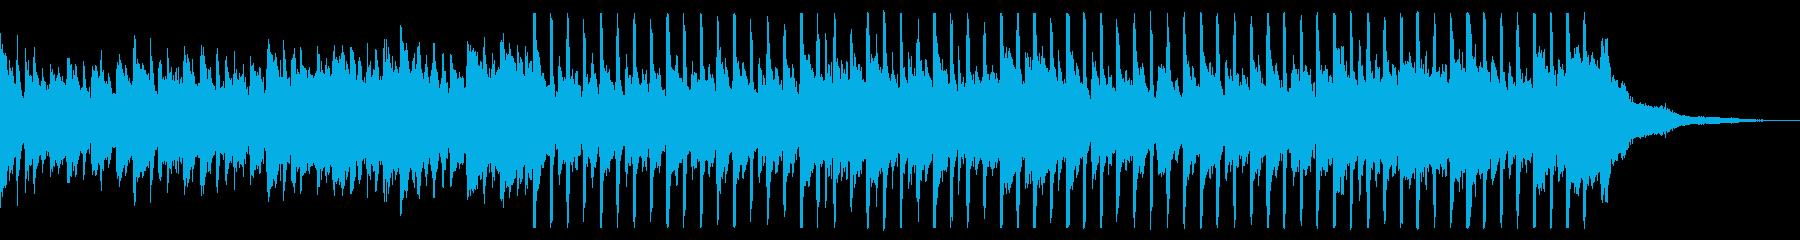 爽やか、企業VP、ピアノ、ギターbの再生済みの波形